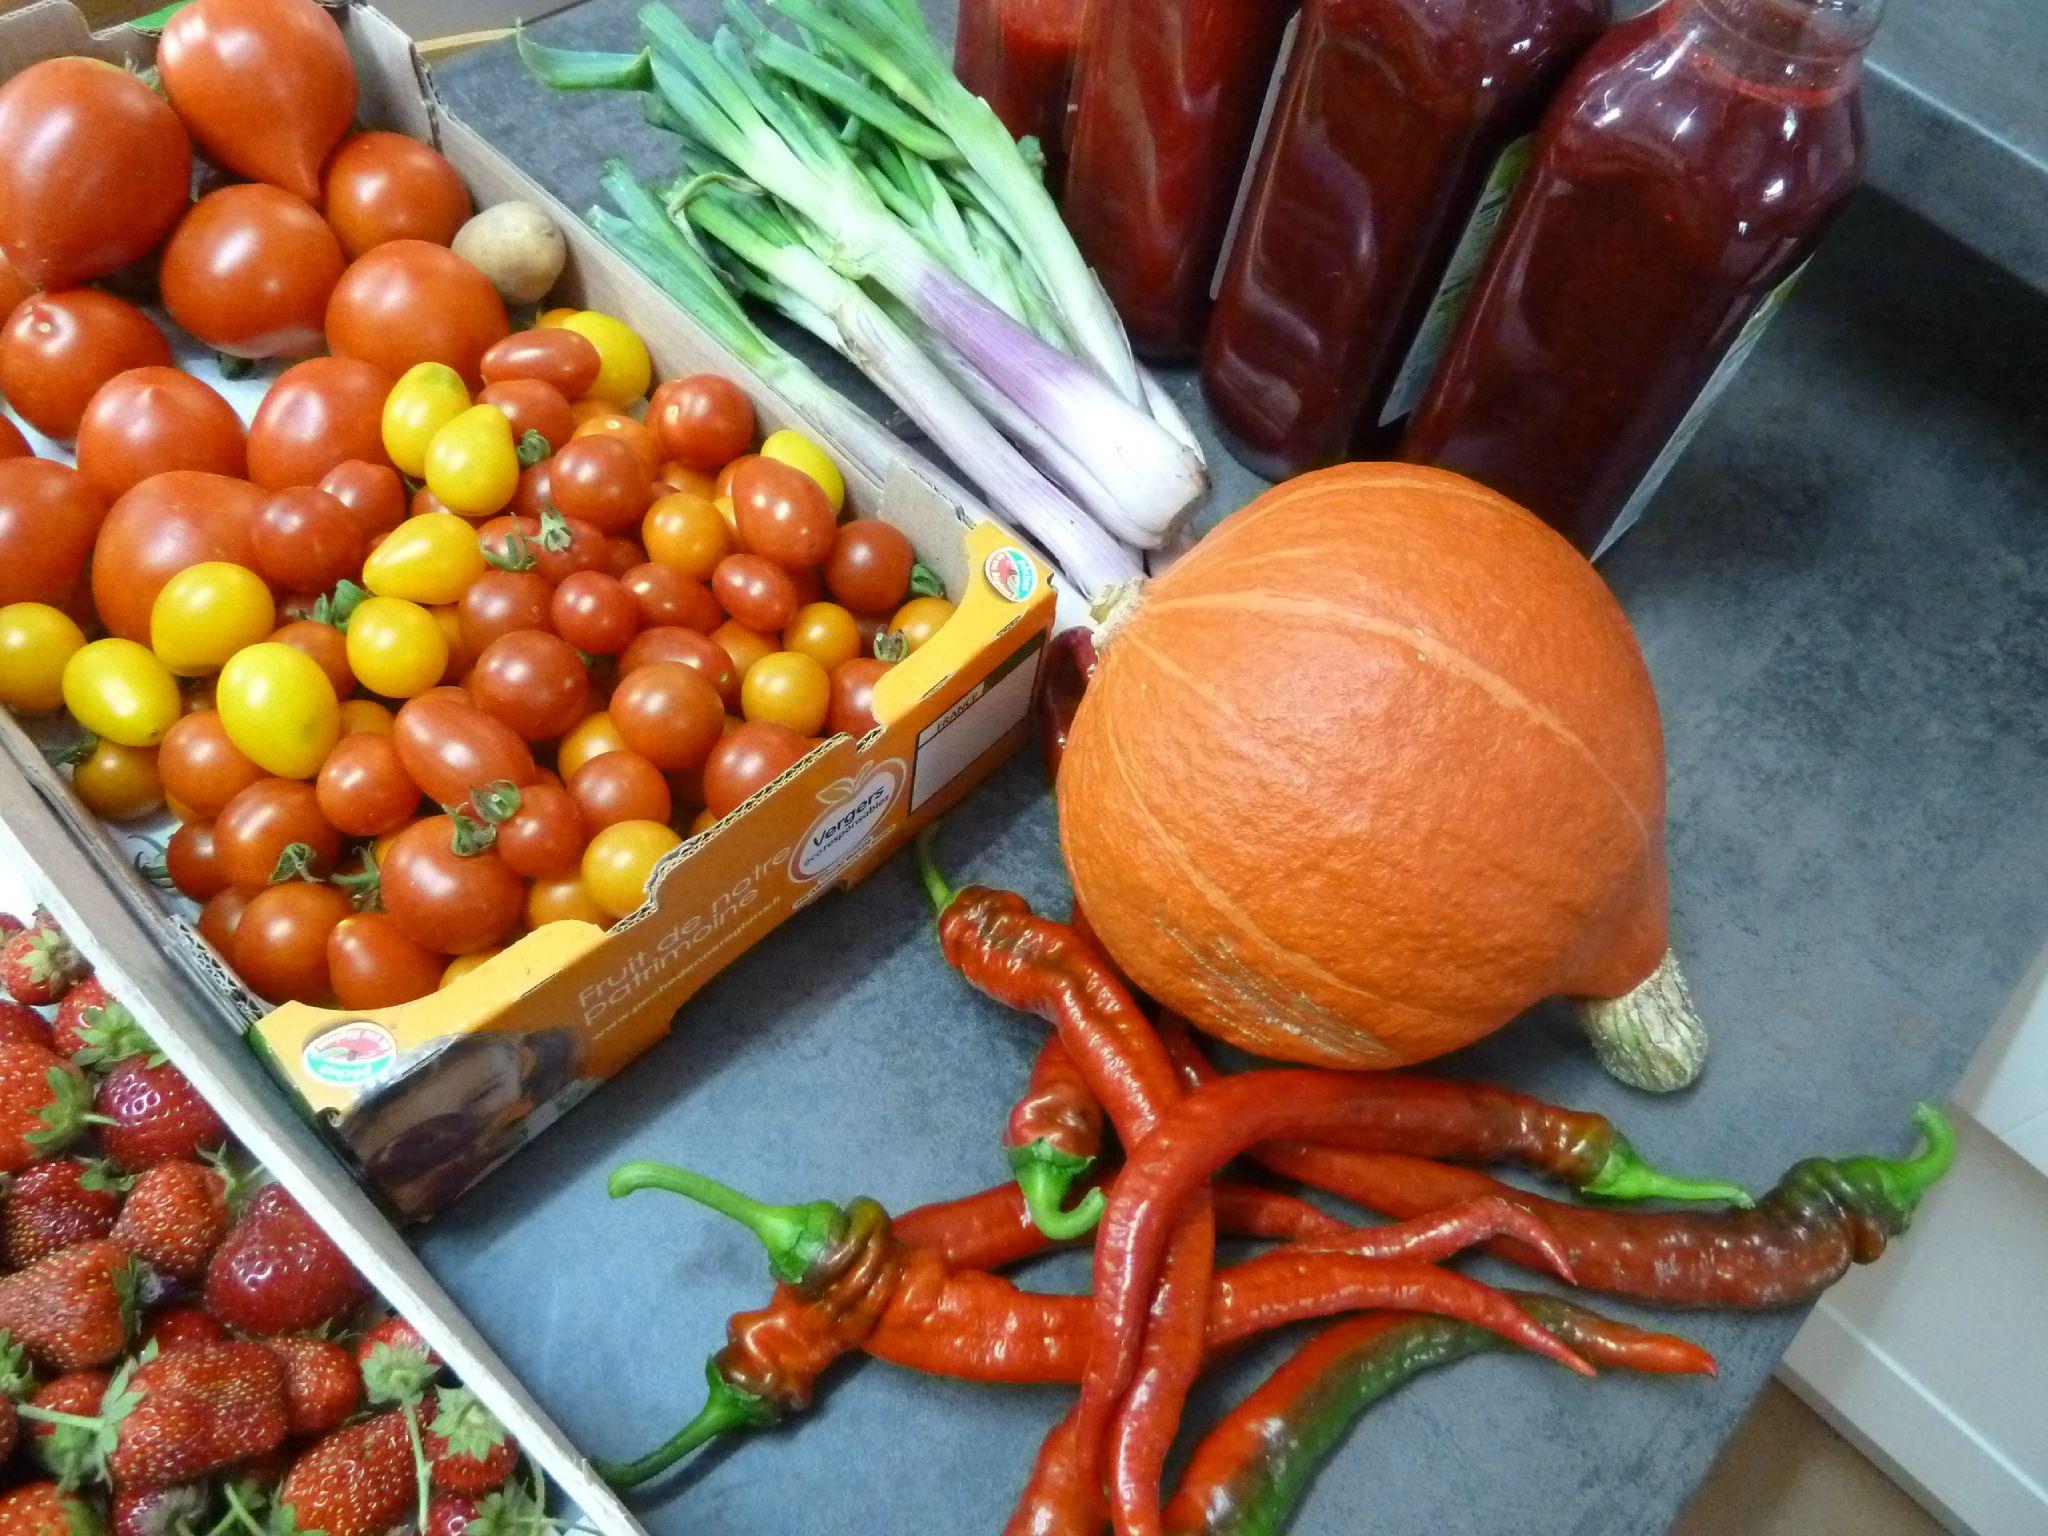 tomates, piments doux des landes, potimarron, coulis mure framboises www.passionpotager.canalblog.com